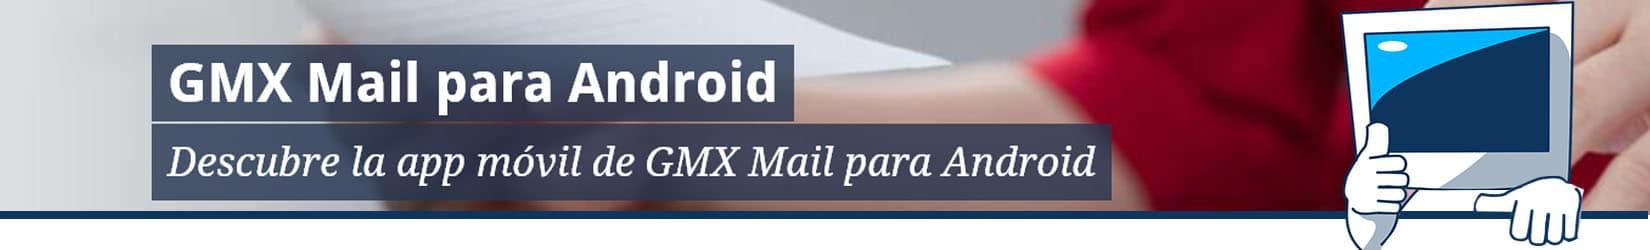 Cómo iniciar sesión en el correo GMX: Guía paso a paso 2020 3